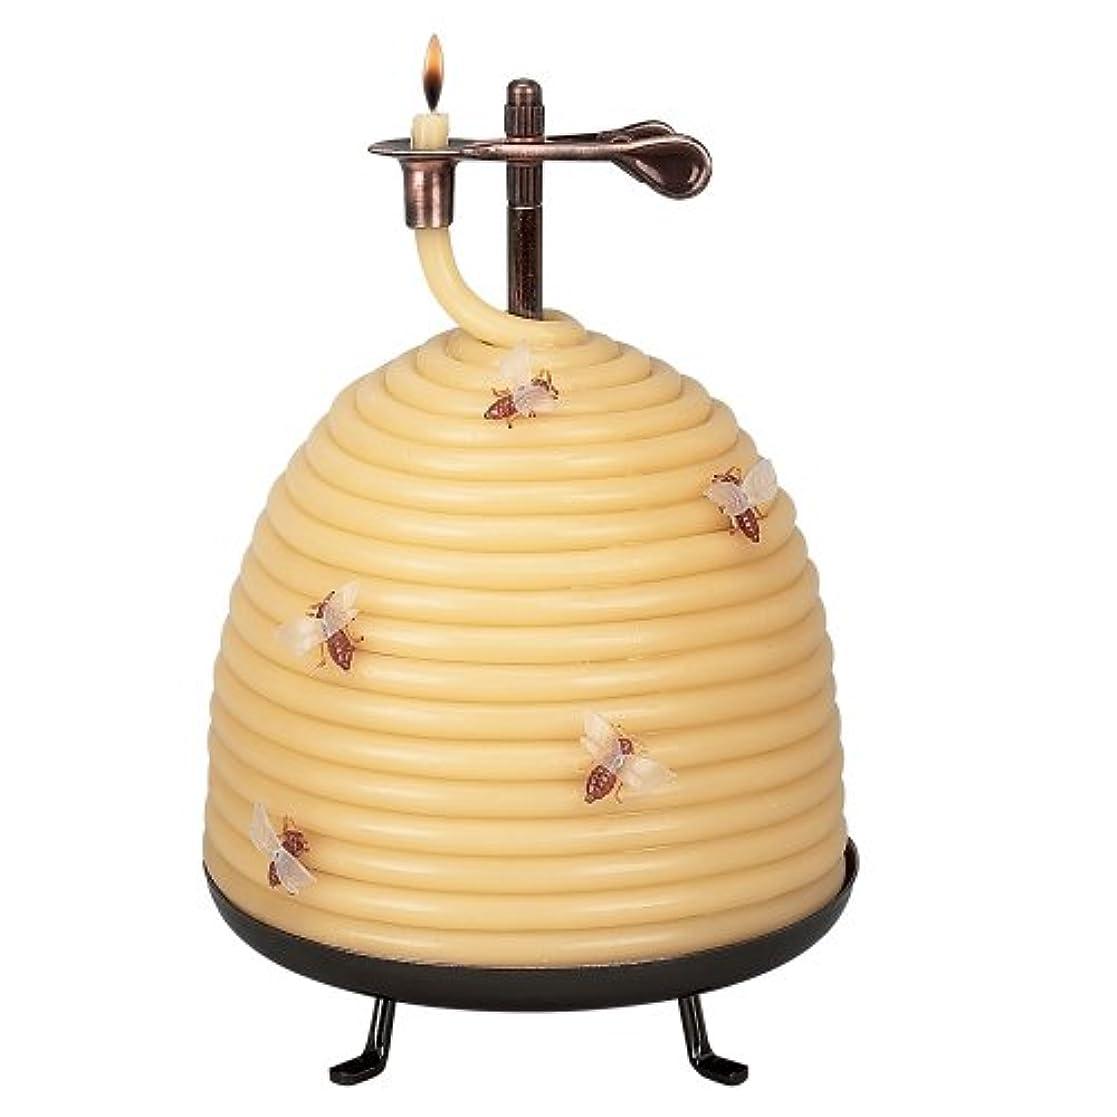 研磨剤タオル大惨事Candle By The Hour 20642B 120 Hour Beehive Coil Candle